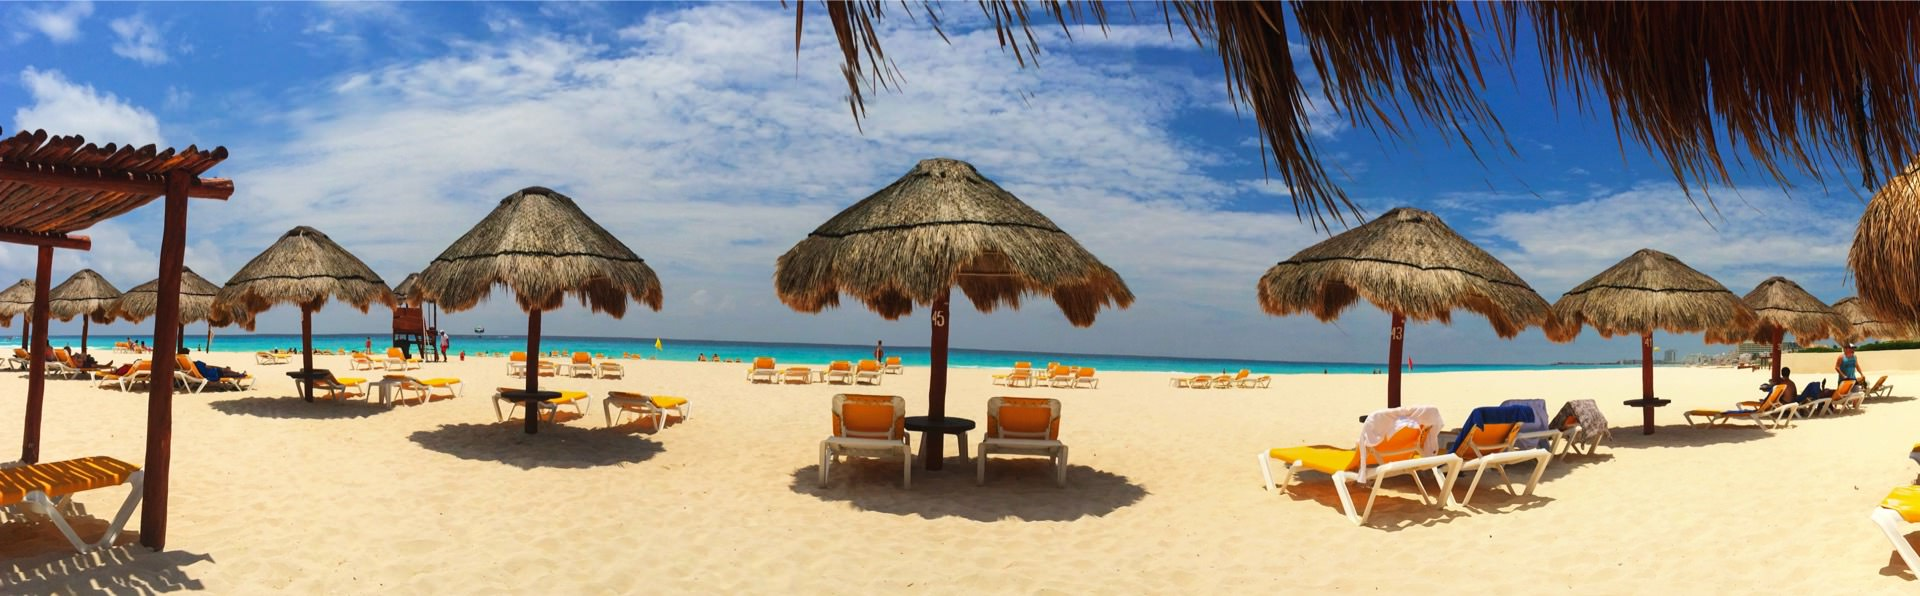 Cancún – destinos de Caribe 2020